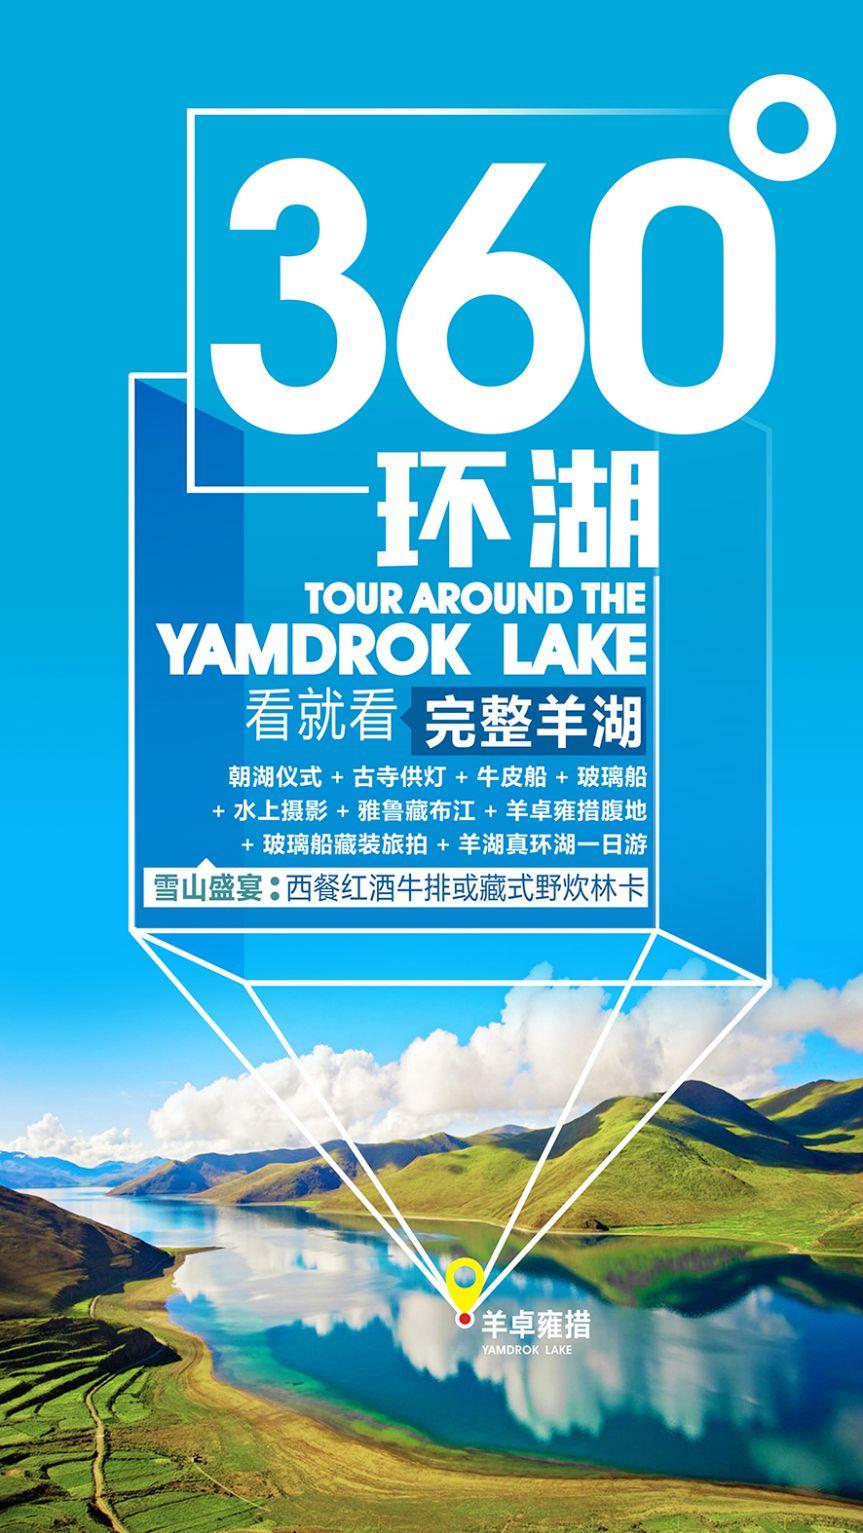 360°环羊湖海报